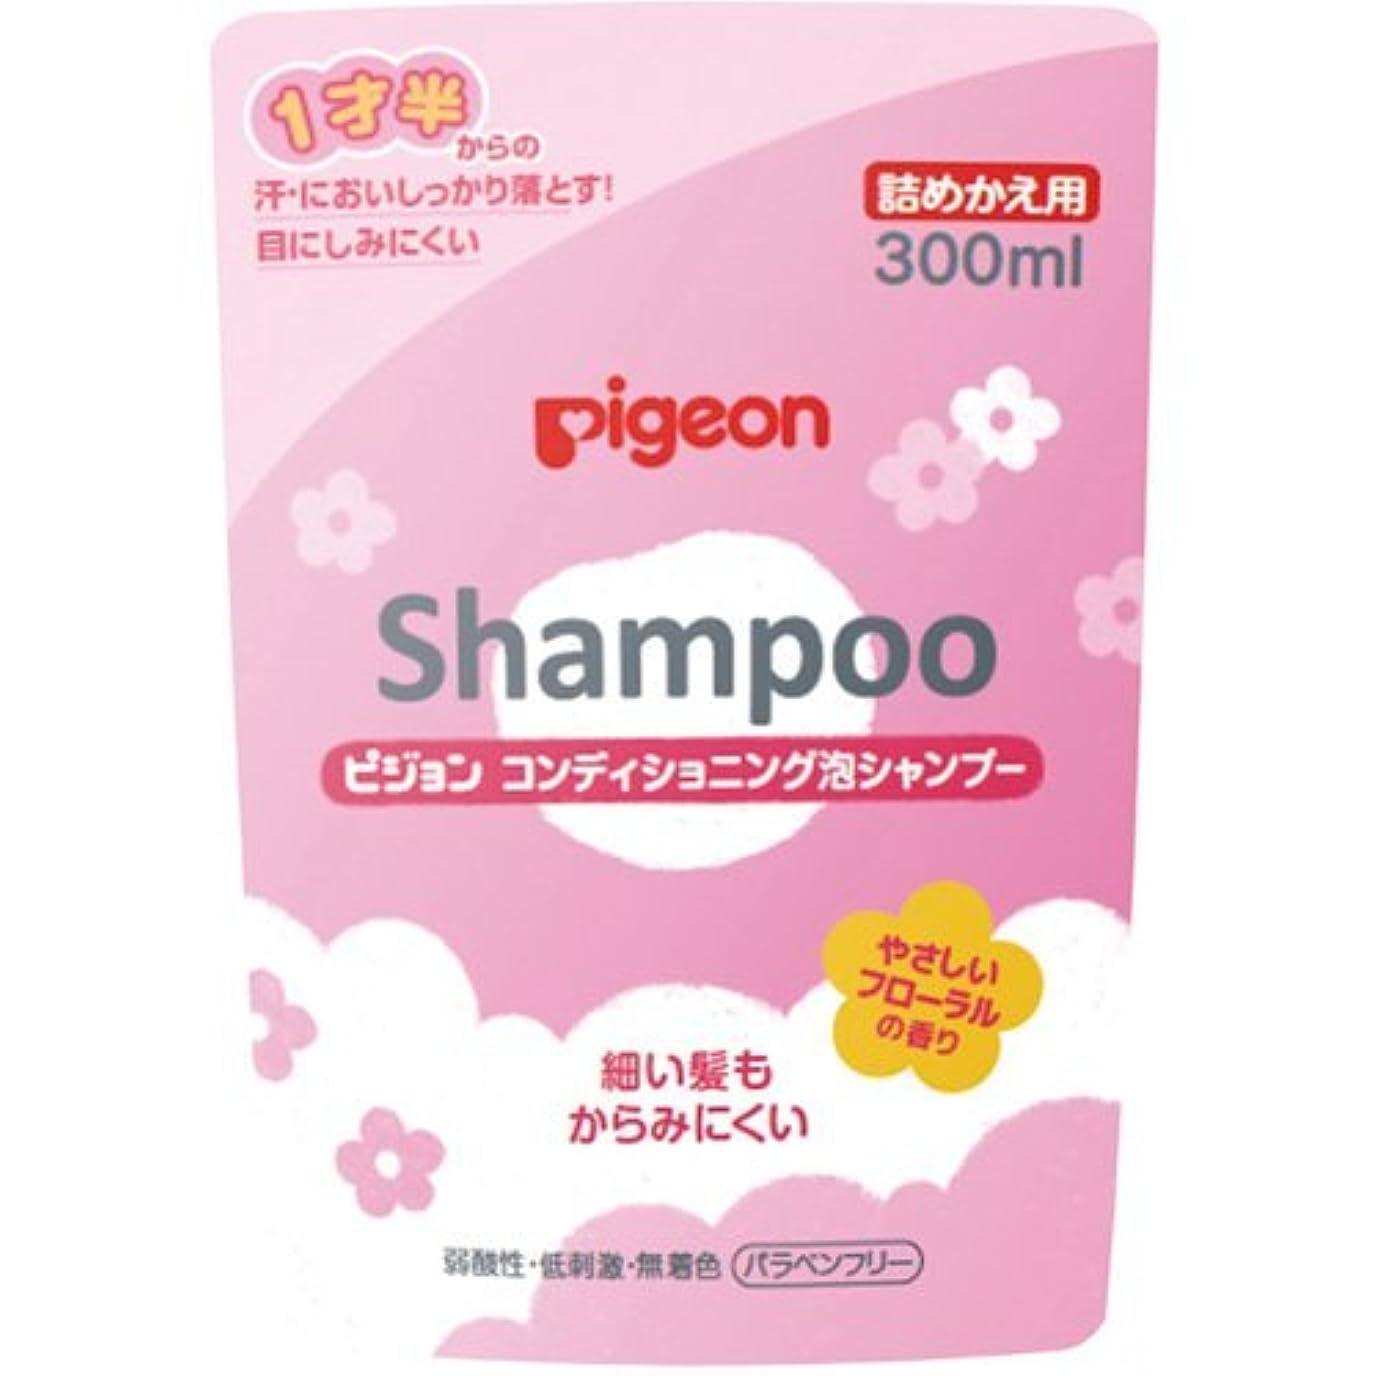 ルーチン厳密にマットピジョン コンディショニング泡シャンプー やさしいフローラルの香り 詰めかえ用 300ml